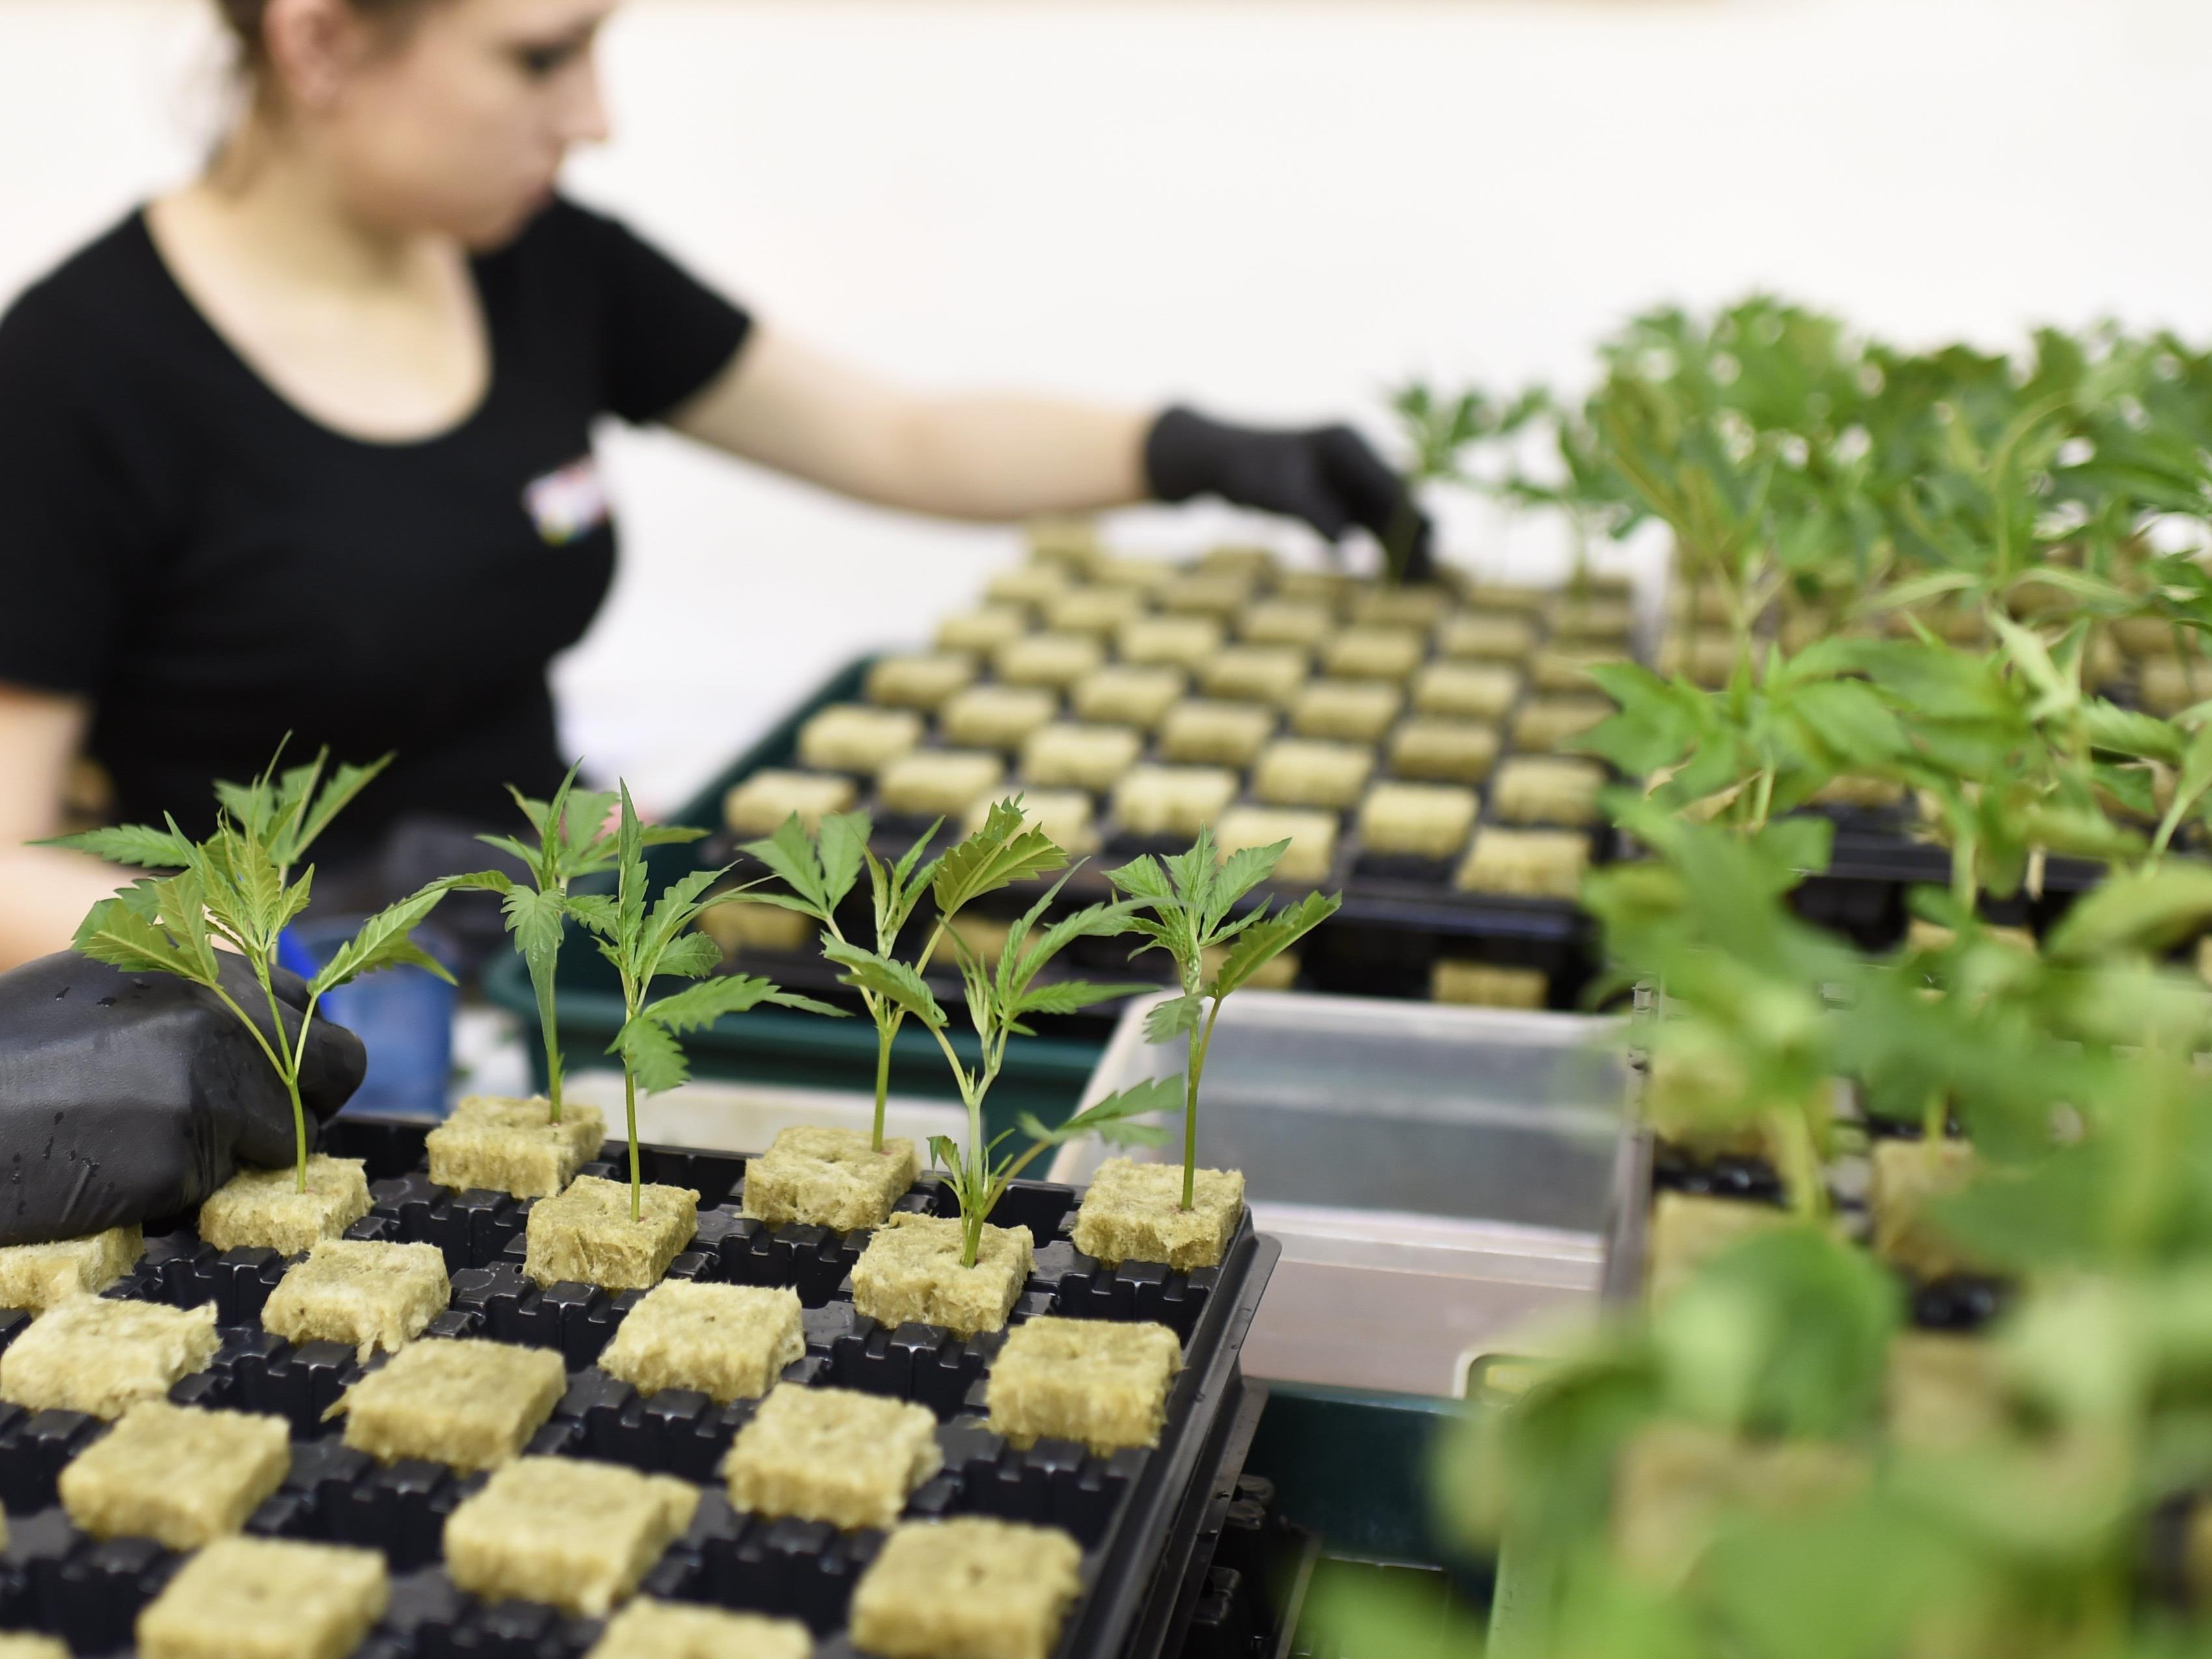 Große Mengen Marihuanas wurden geklaut